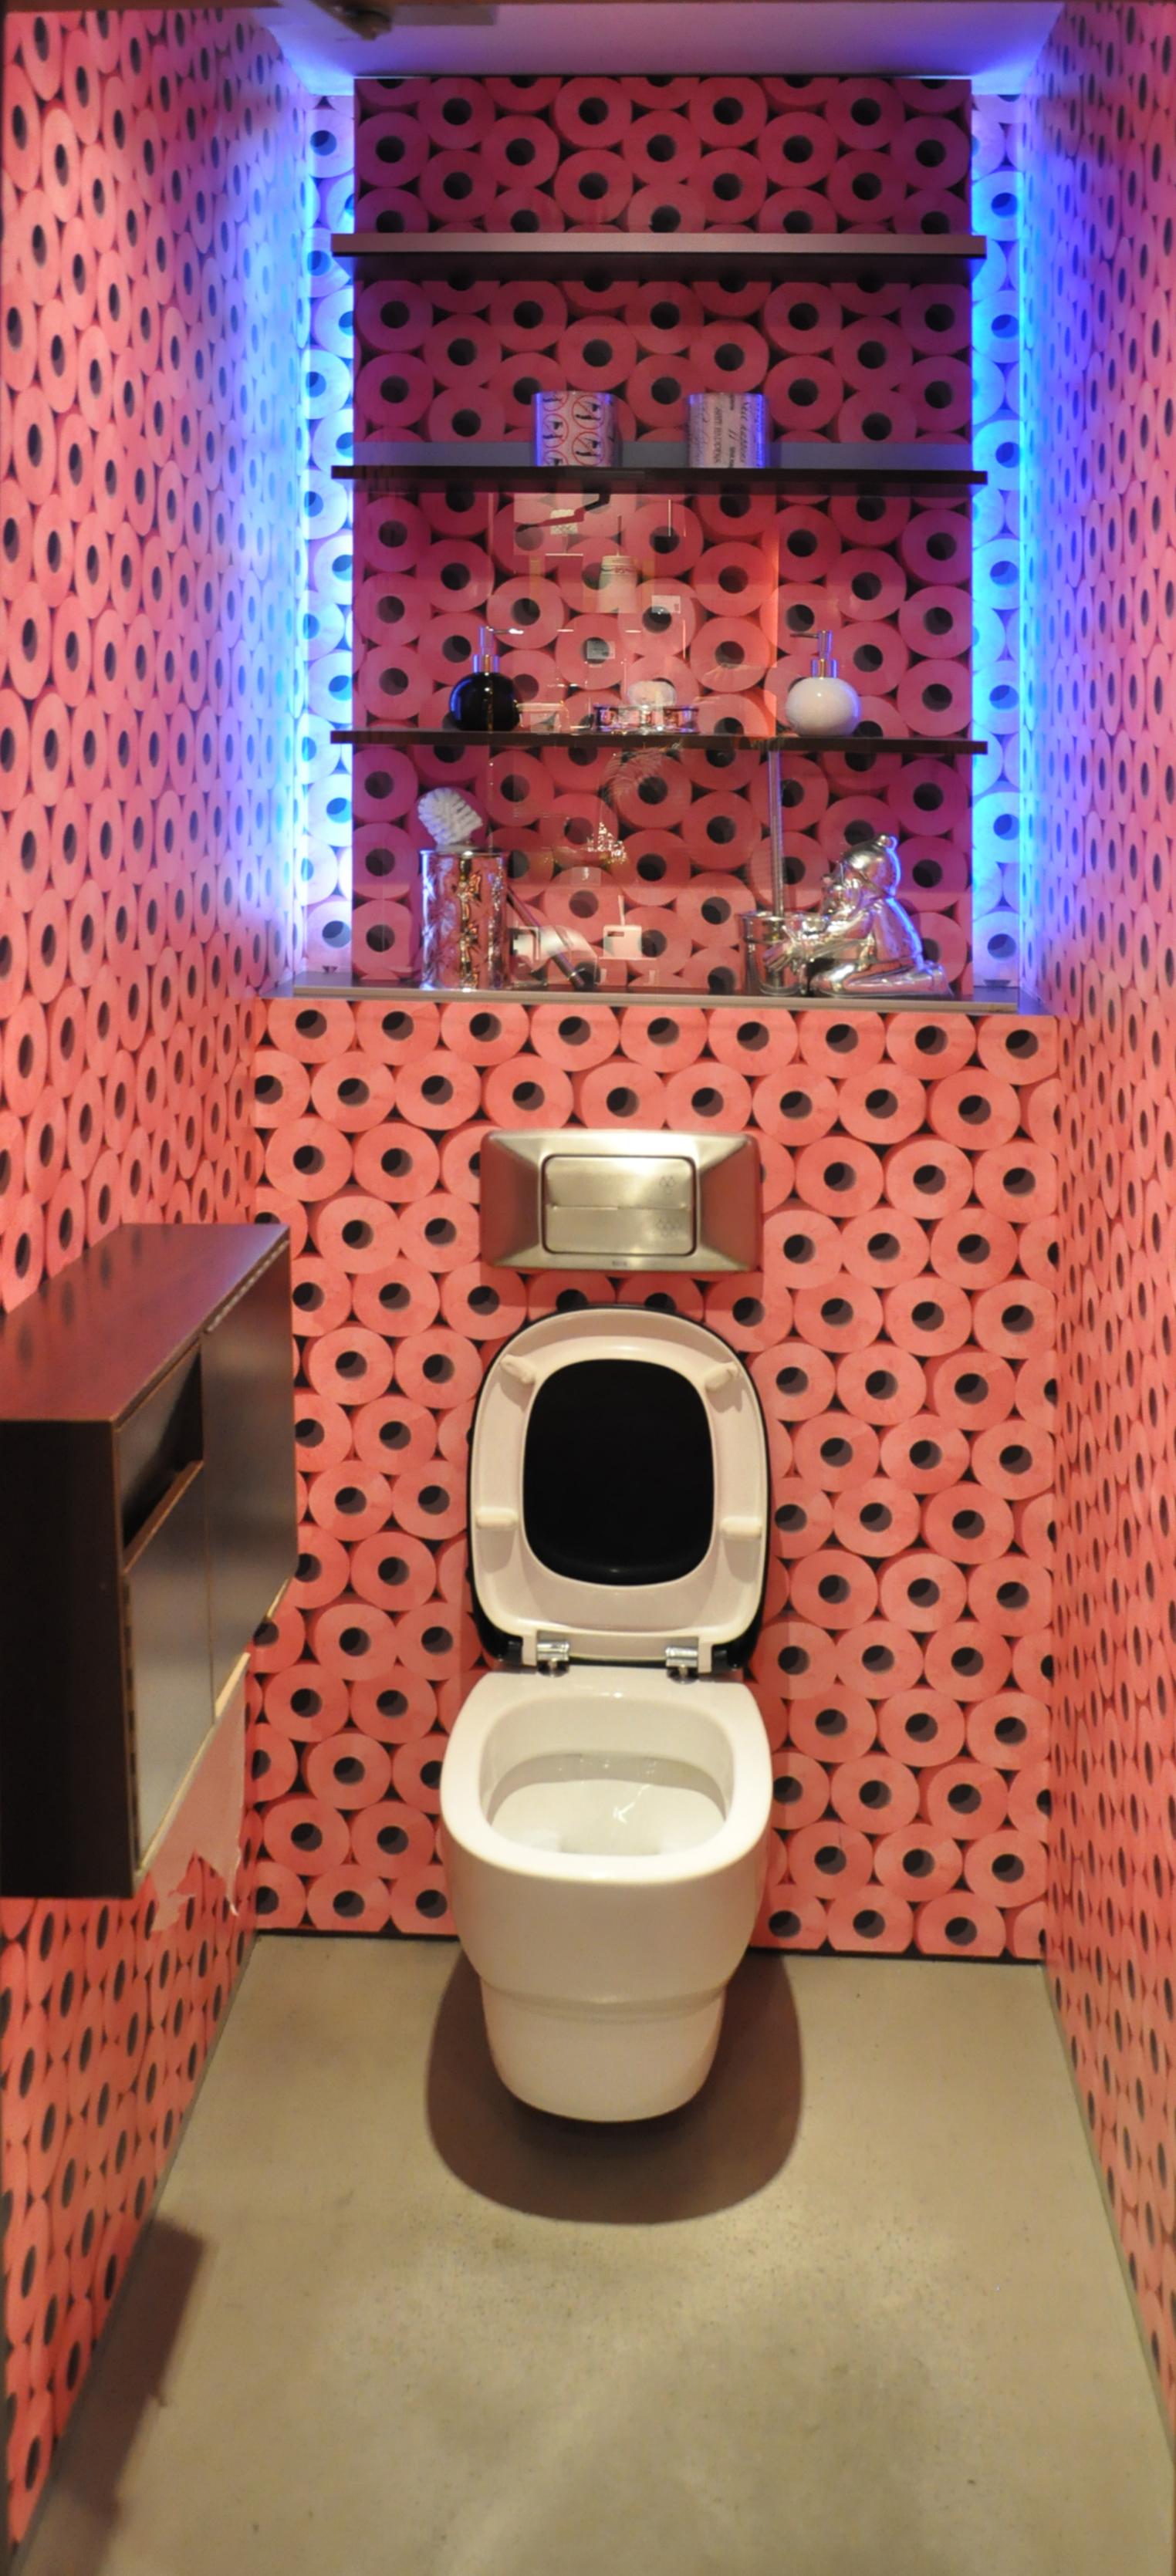 Обои в туалете декоративные